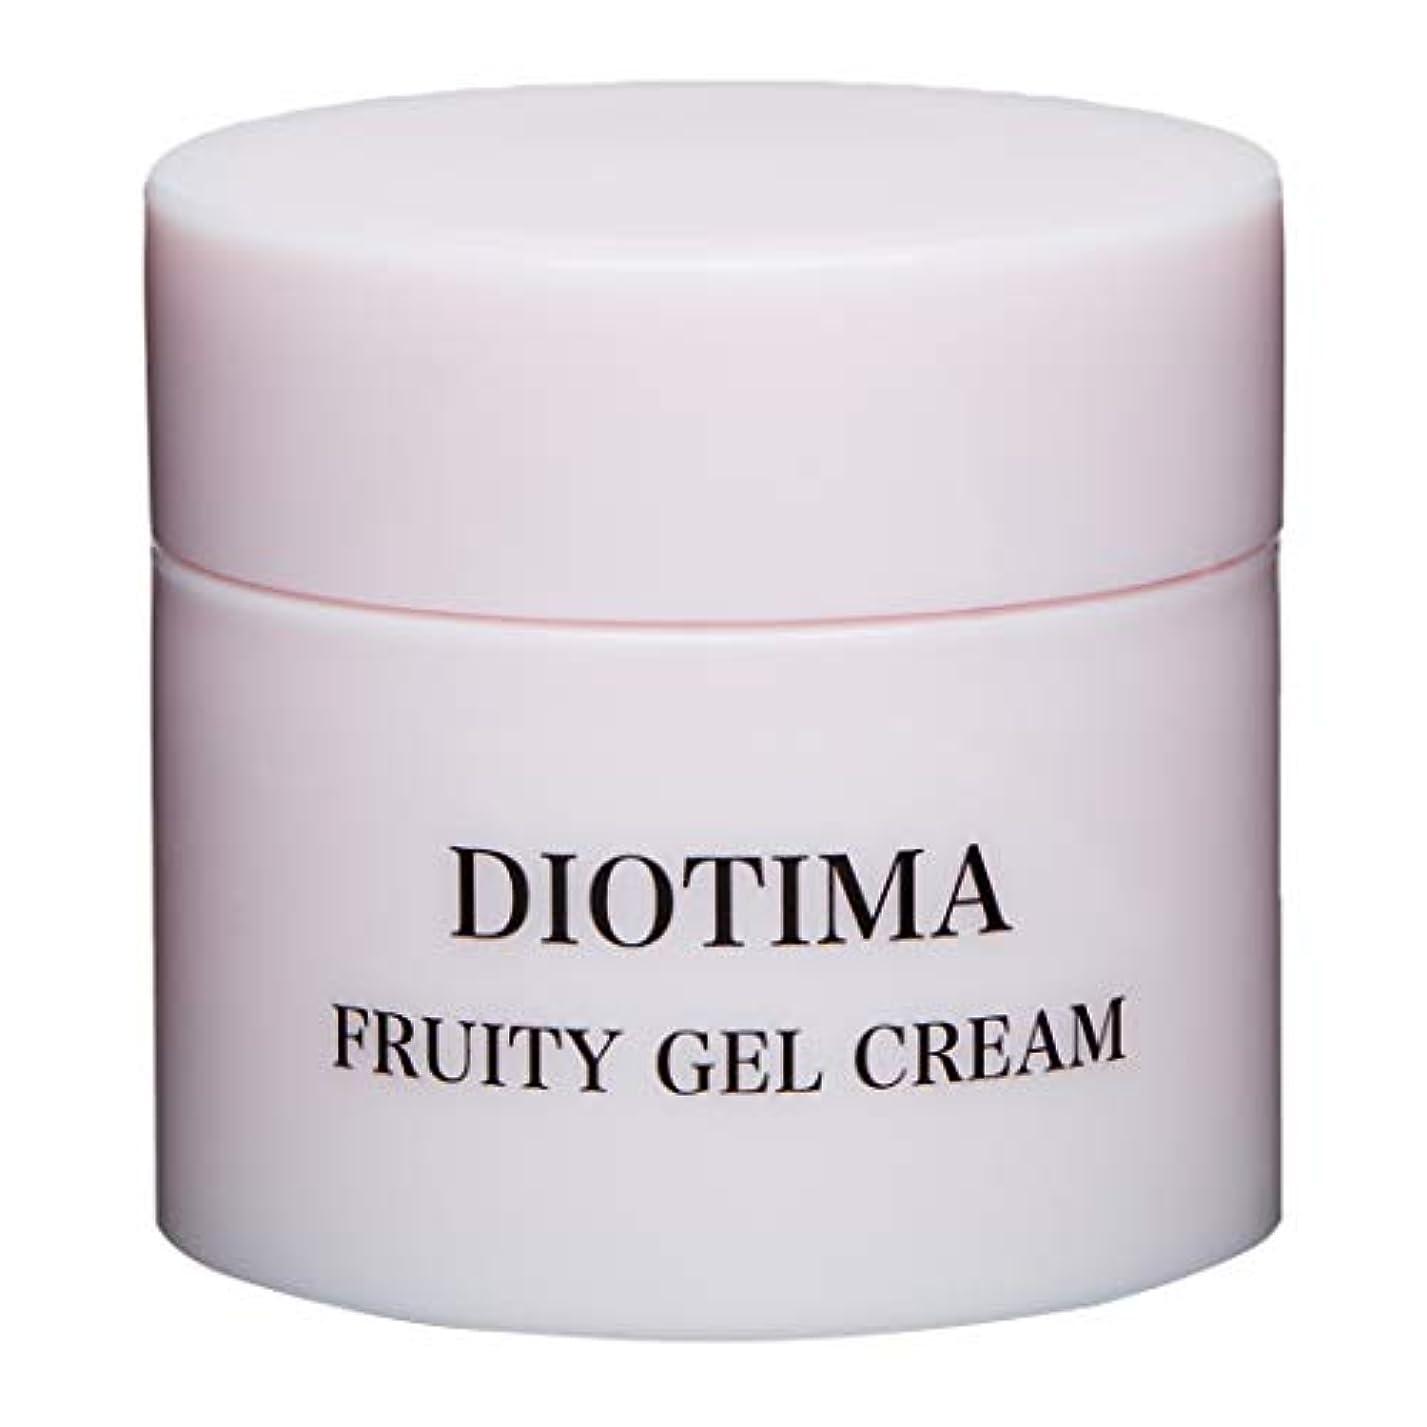 立ち寄る考案する邪魔するDUITIMA(ディオティマ) ディオティマ フルーティジェルクリーム オールインワン 60g